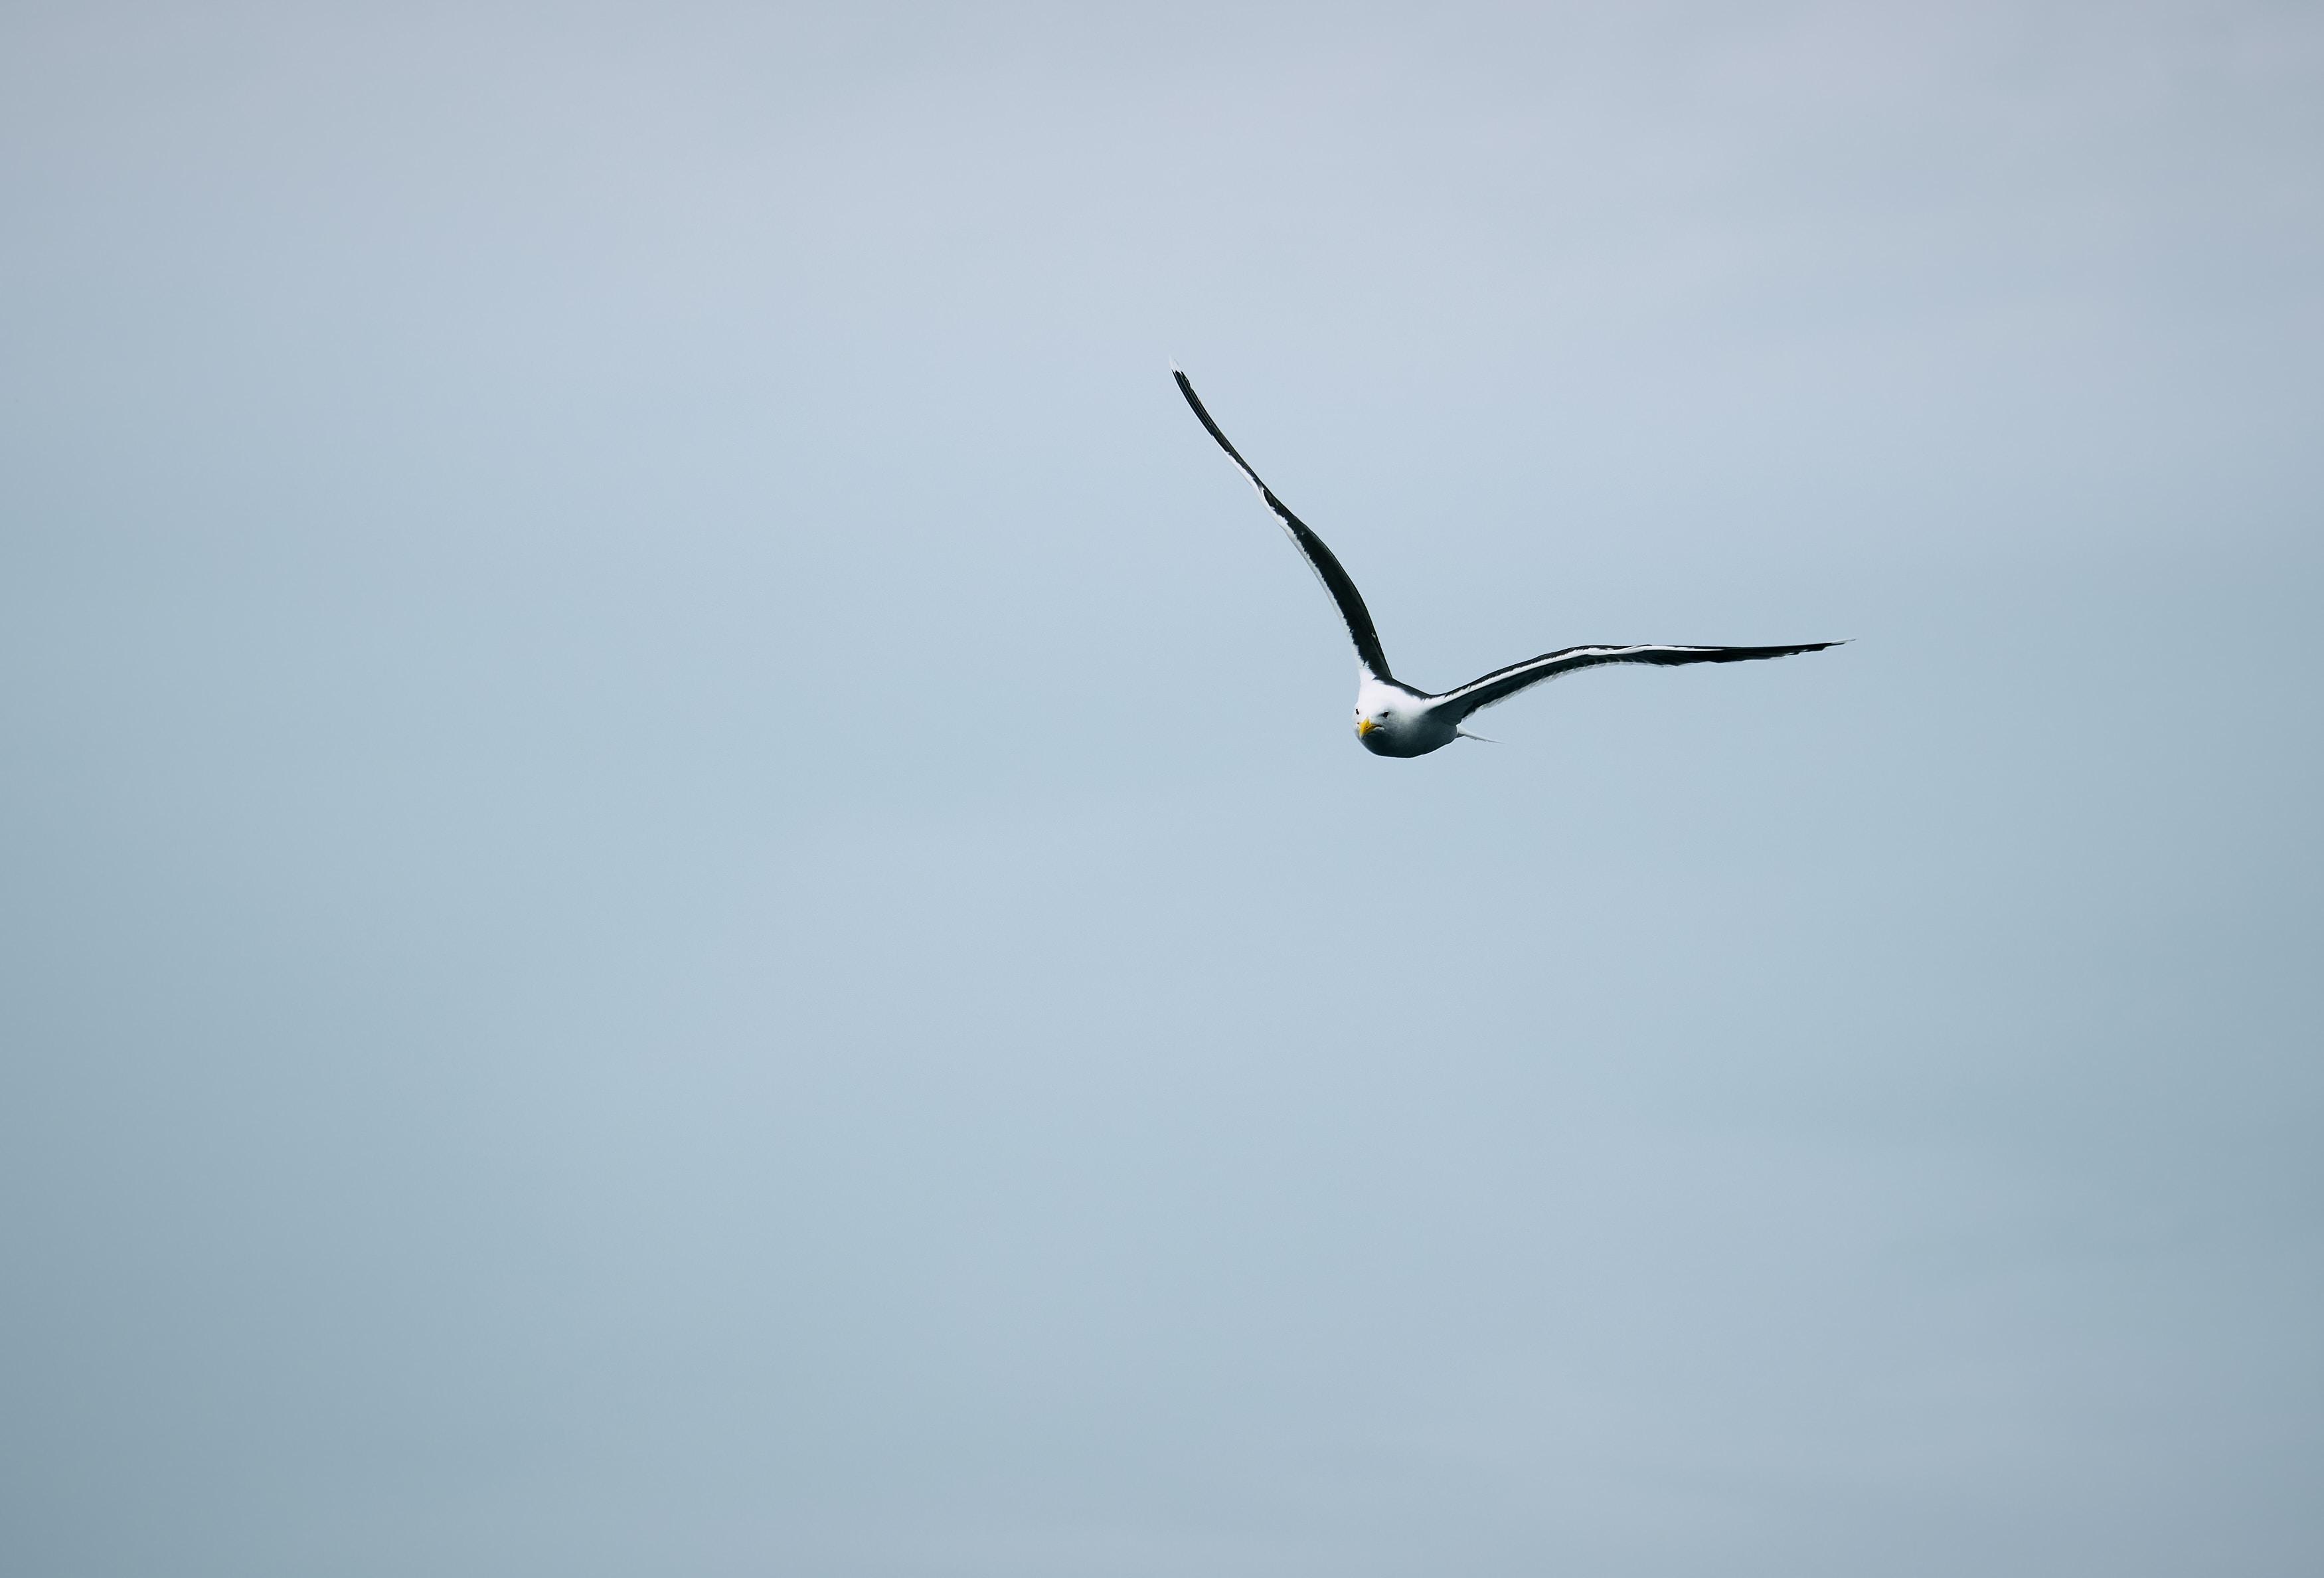 flying gull during daytime